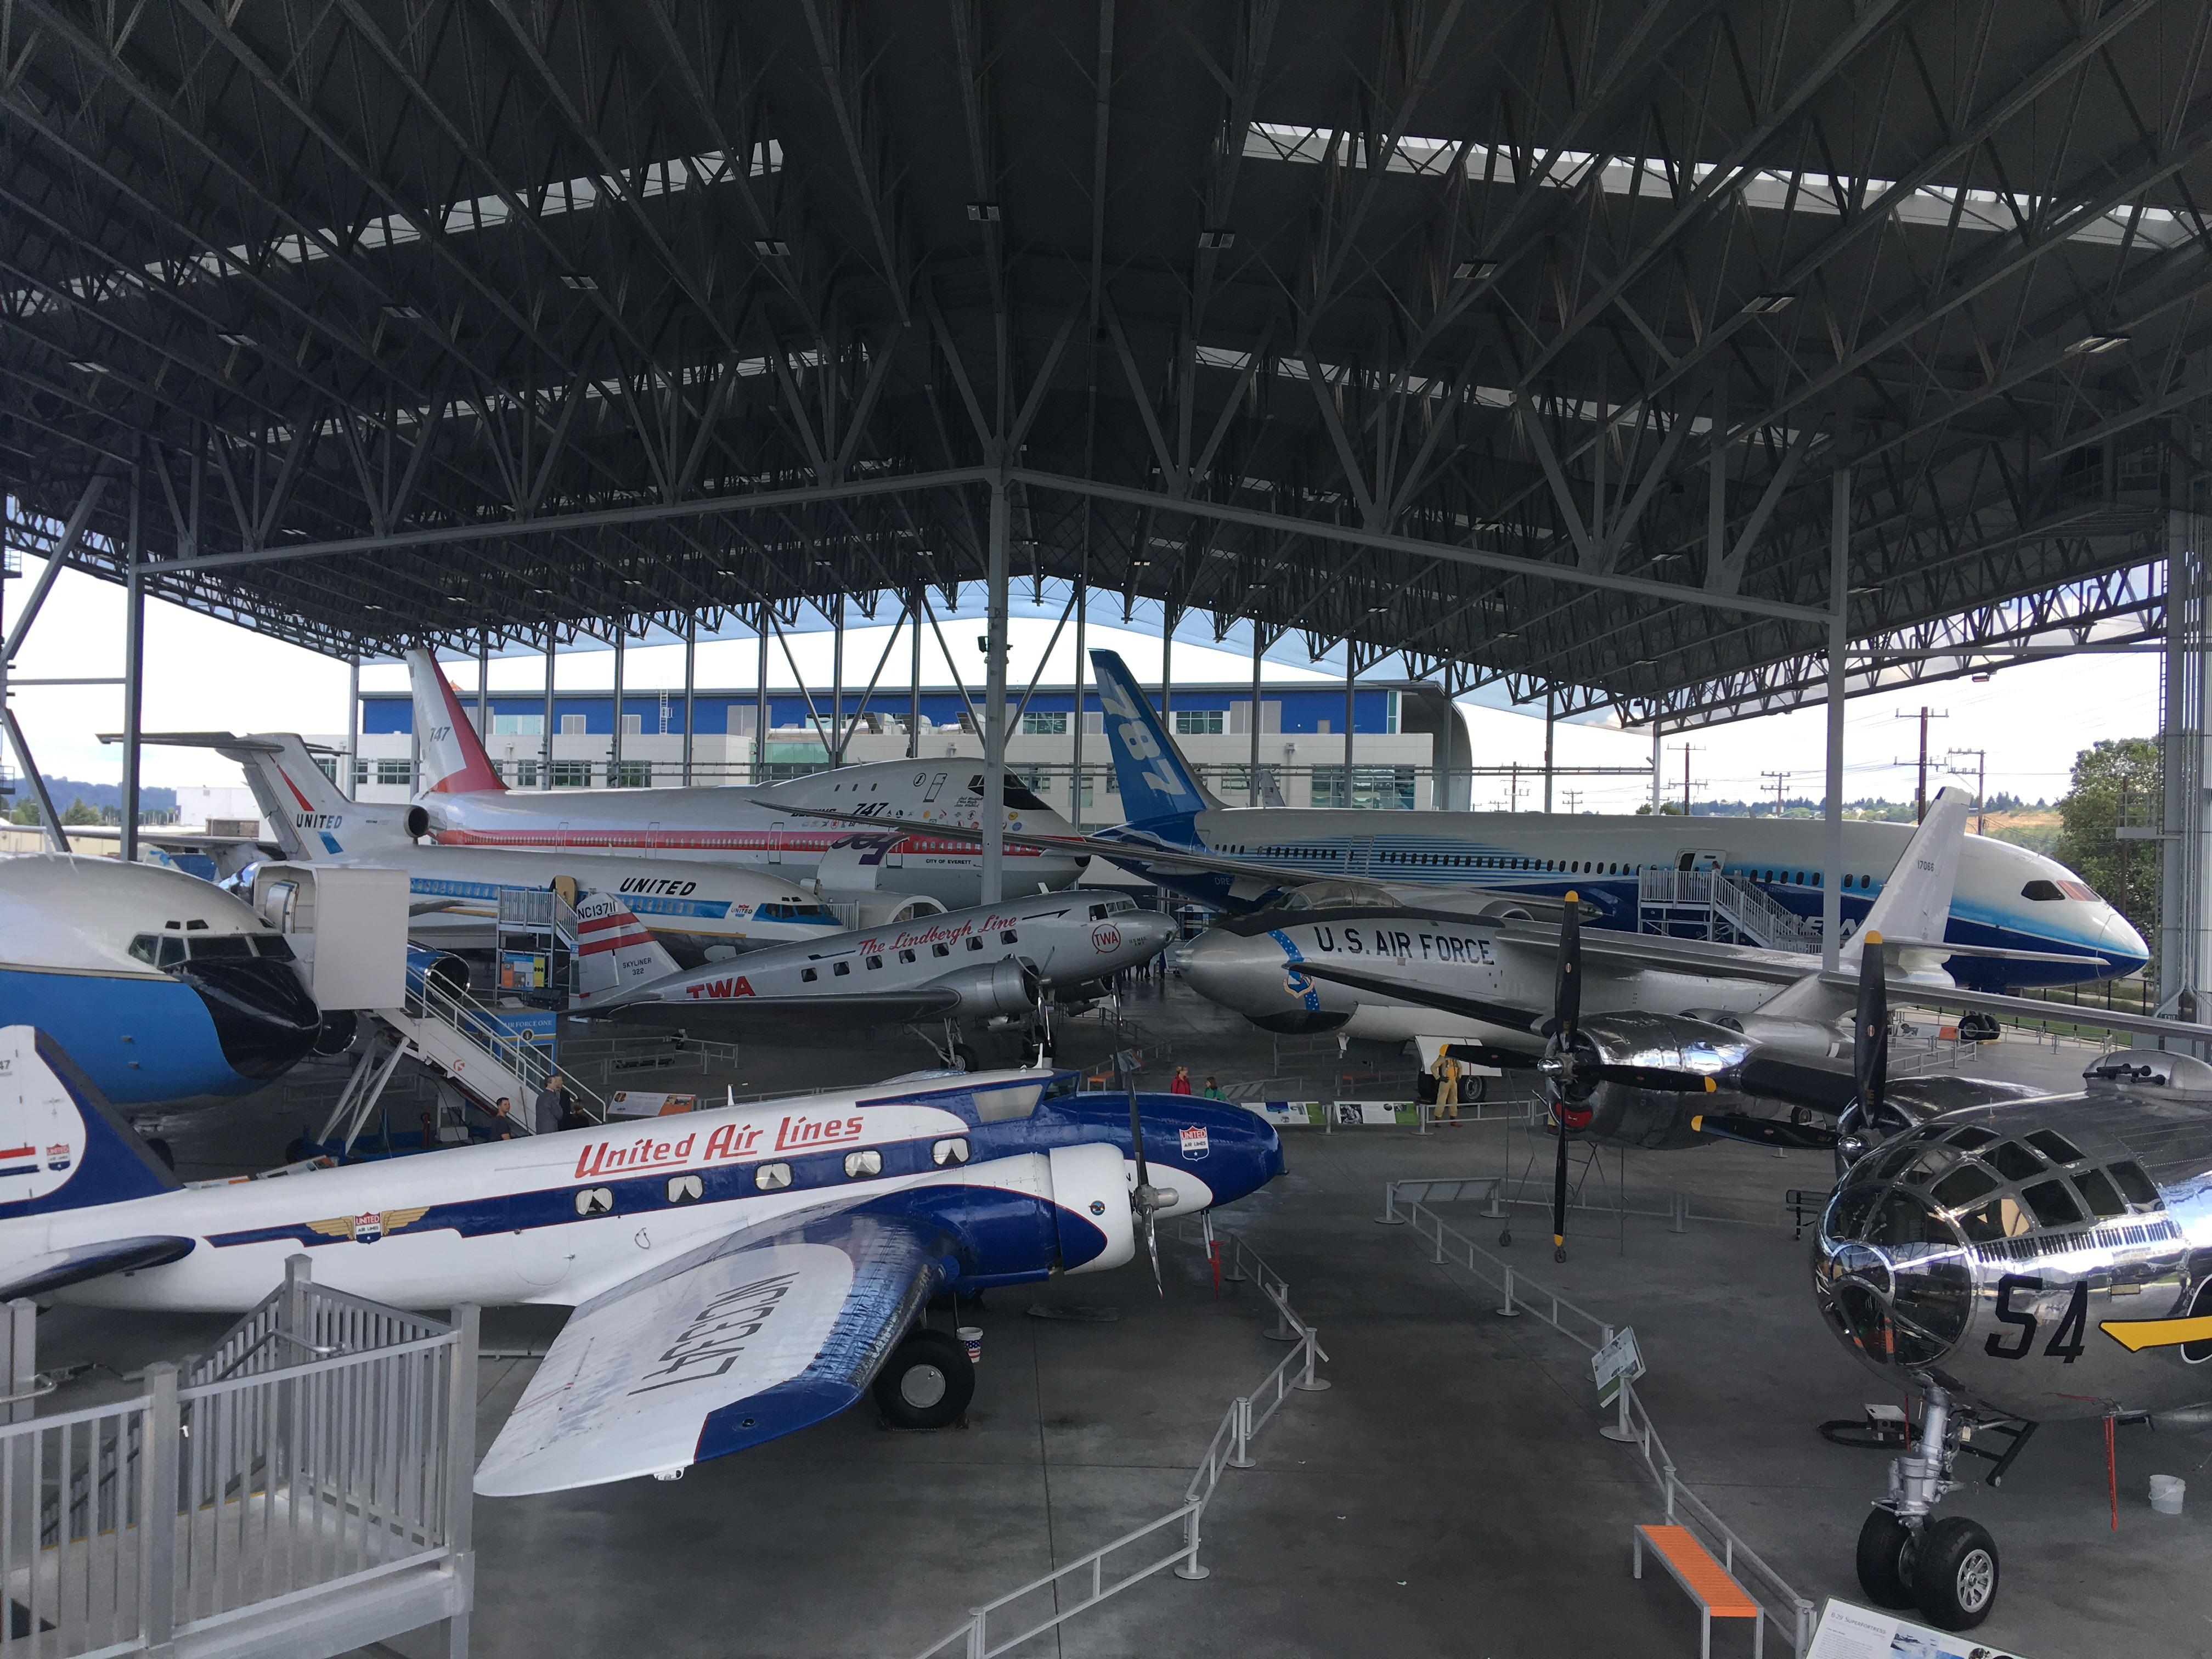 ボーイングのお膝元!シアトルの航空博物館(The Museum of Flight)